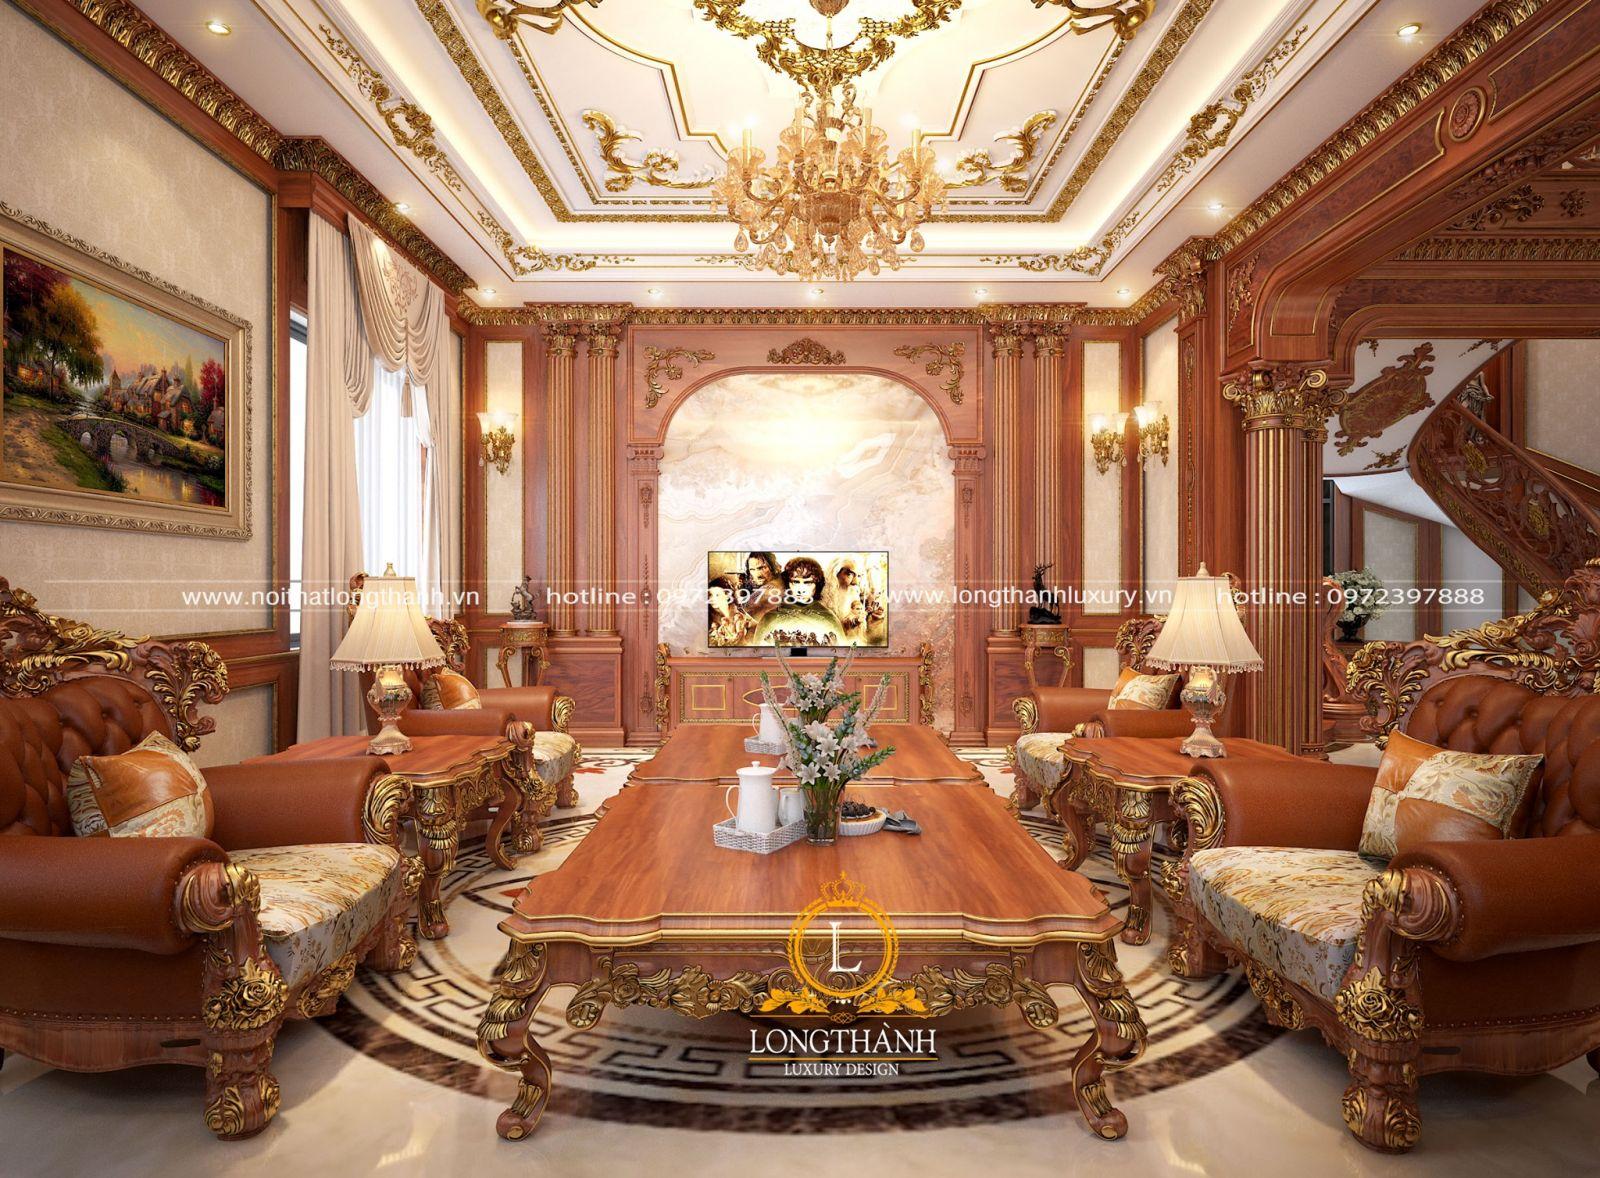 Thiết kế nội thất tân cổ điển cao cấp cho không gian nhà biệt thự dát vàng